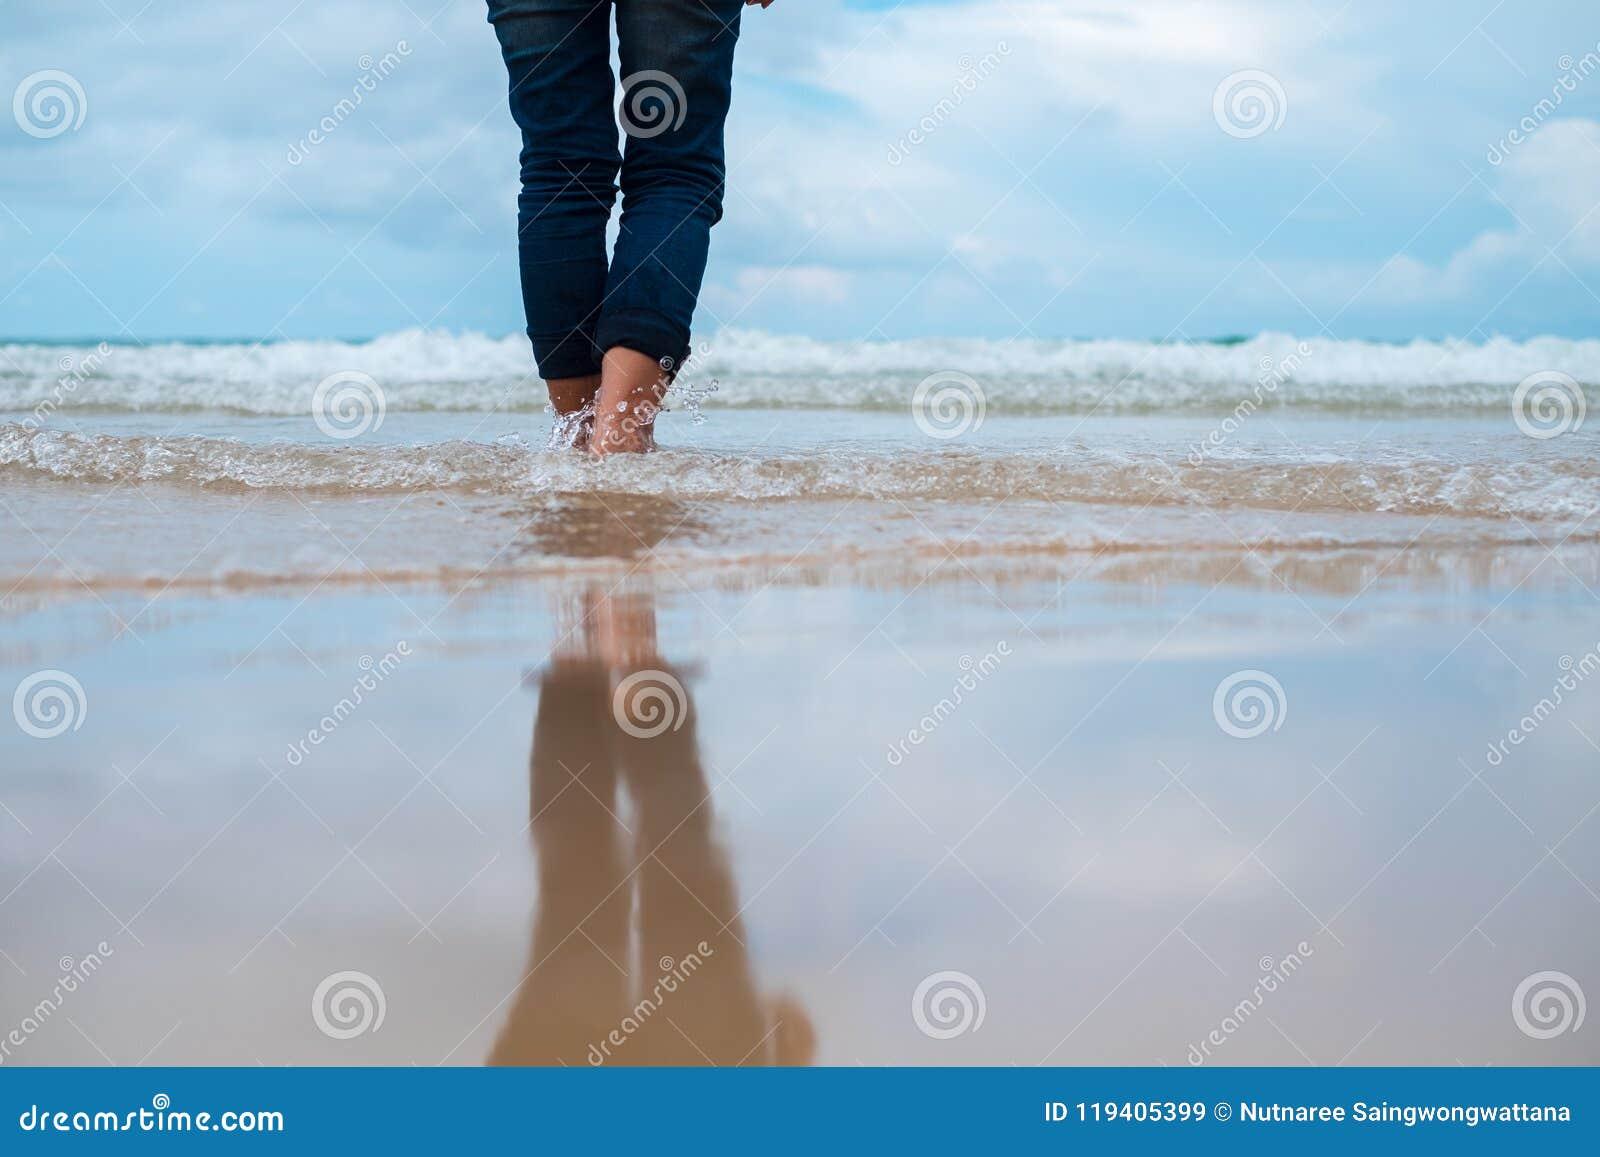 Στενή επάνω καθυστέρηση υποβάθρου φύσης της γυναίκας που στέκεται μόνο στην παραλία